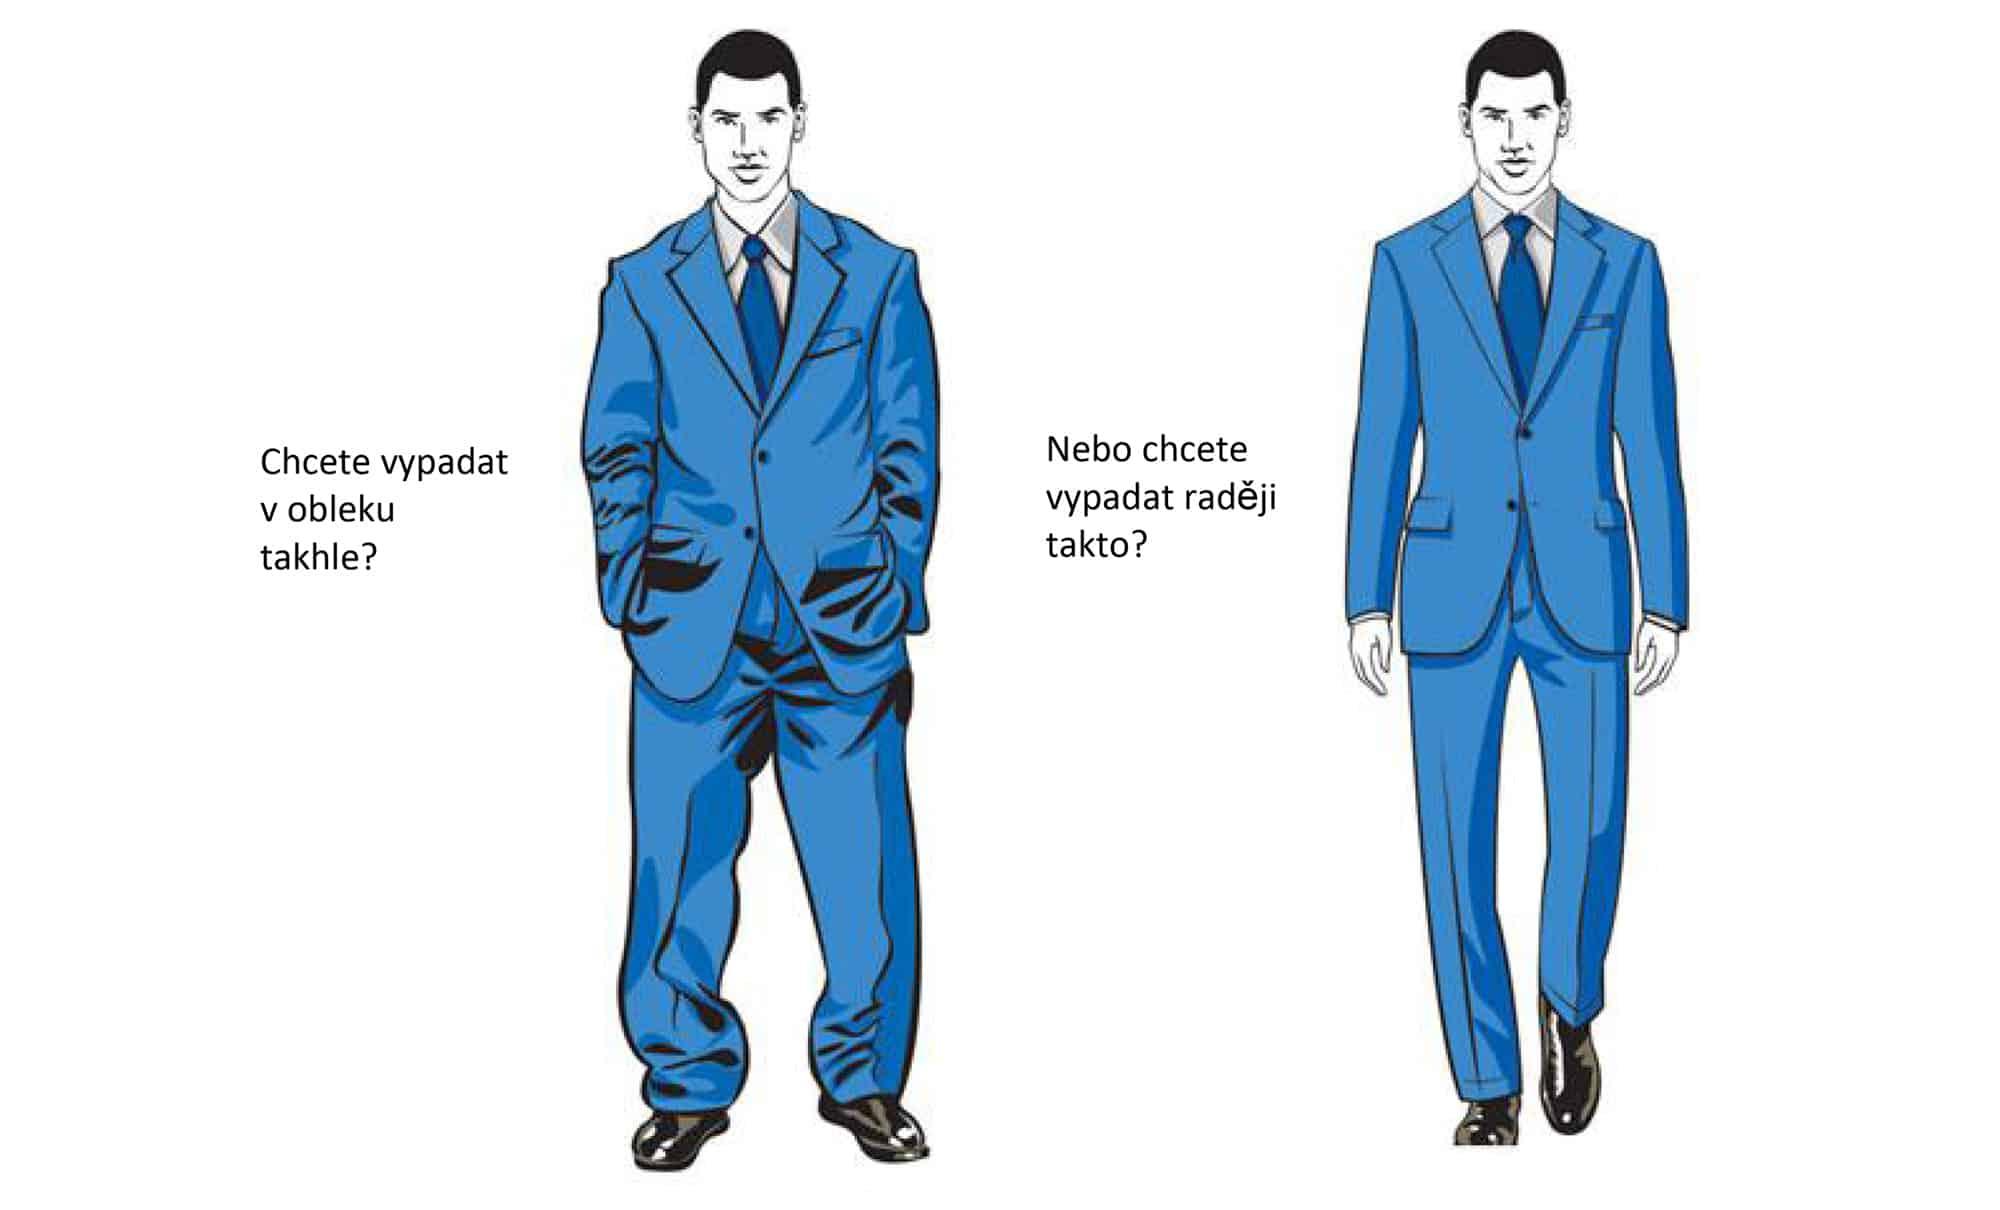 424663e06a64 Vybrat správně pánský oblek není žádná sranda